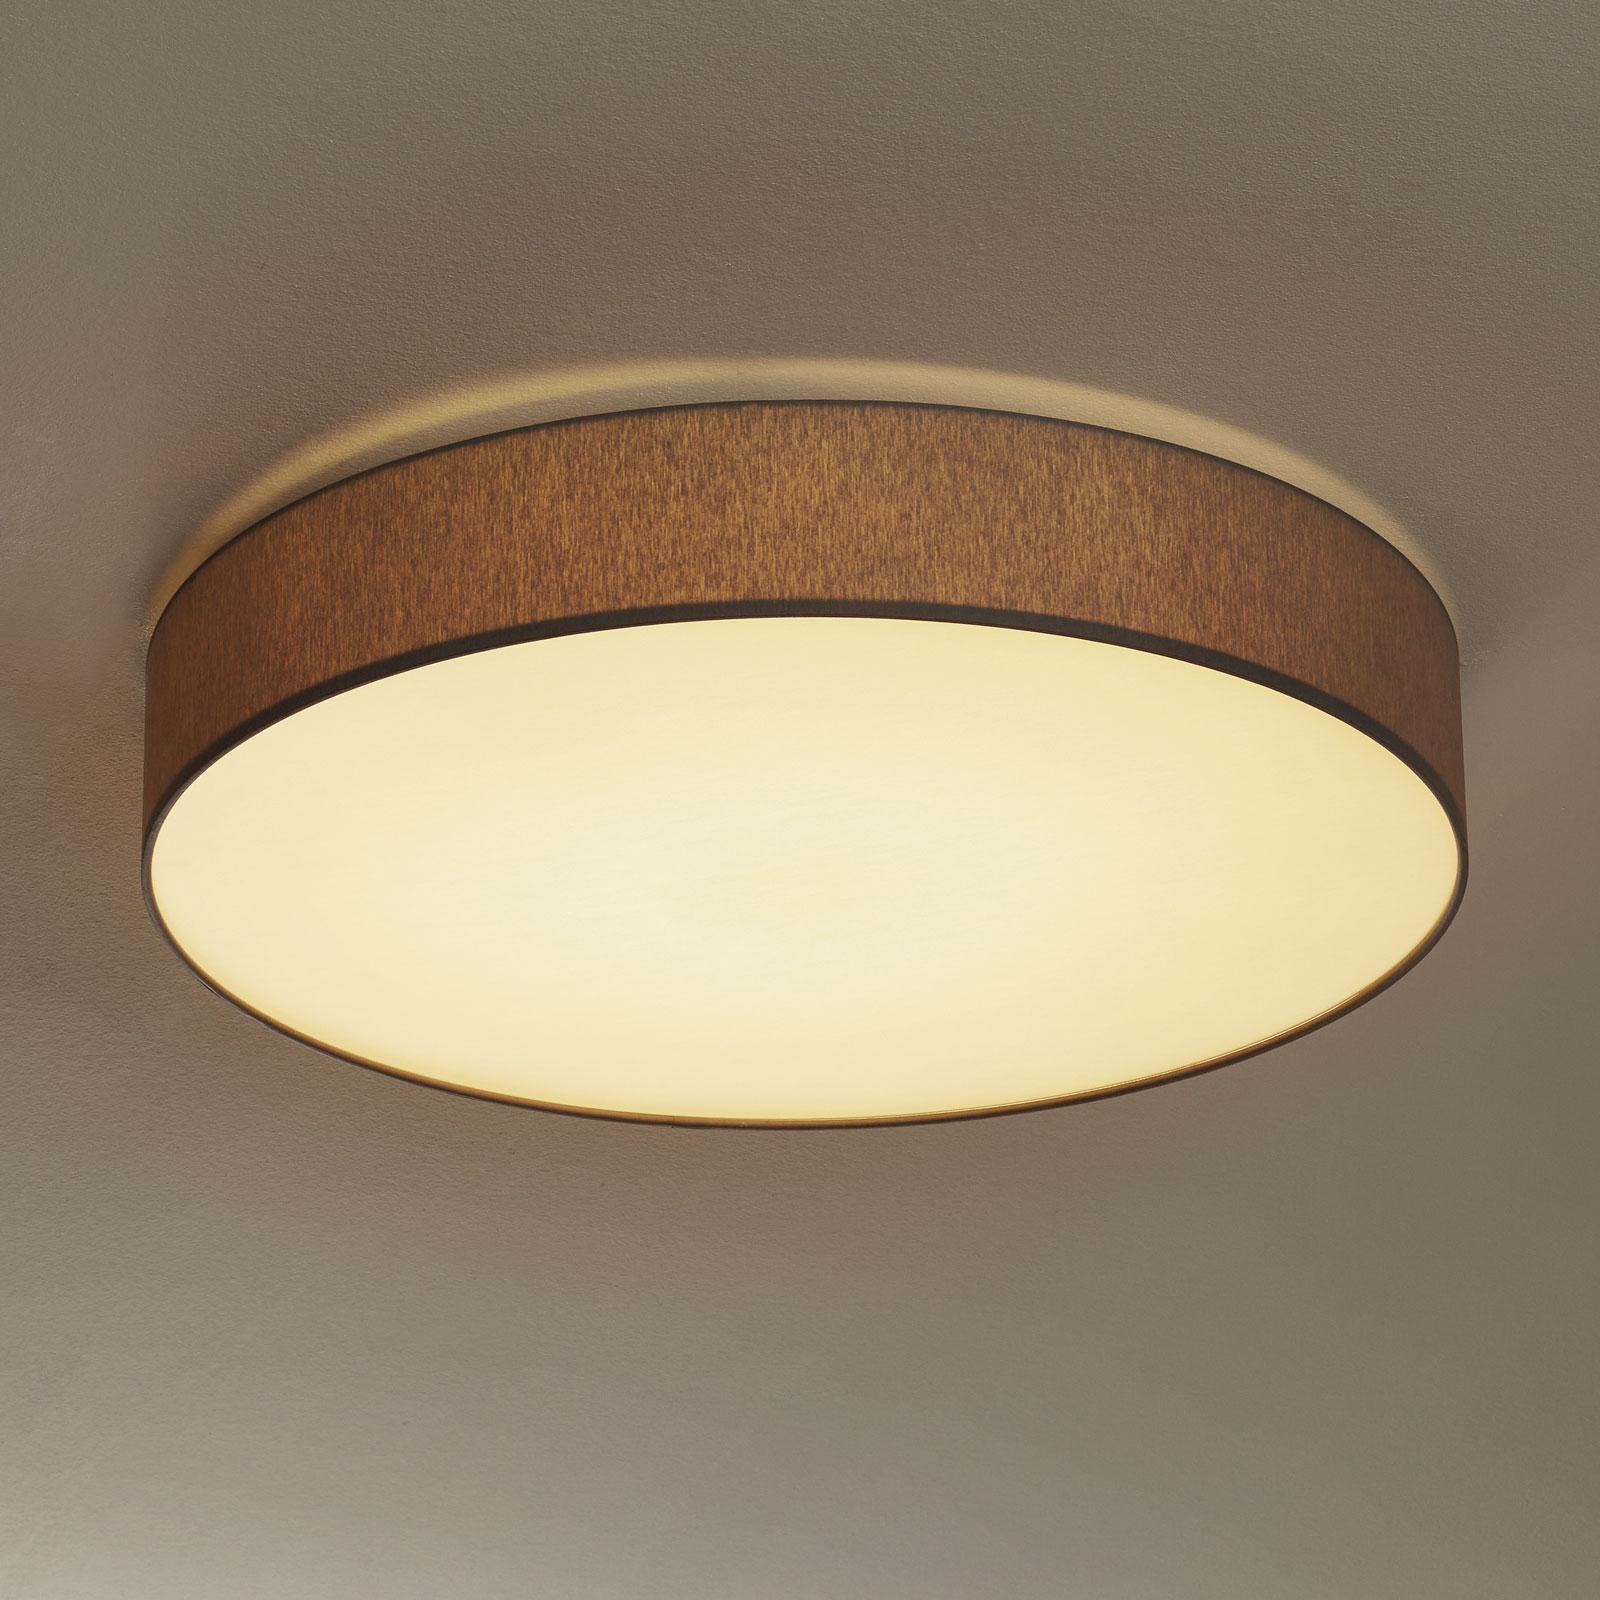 Dimmbare LED-Deckenleuchte Luno, hellgrau